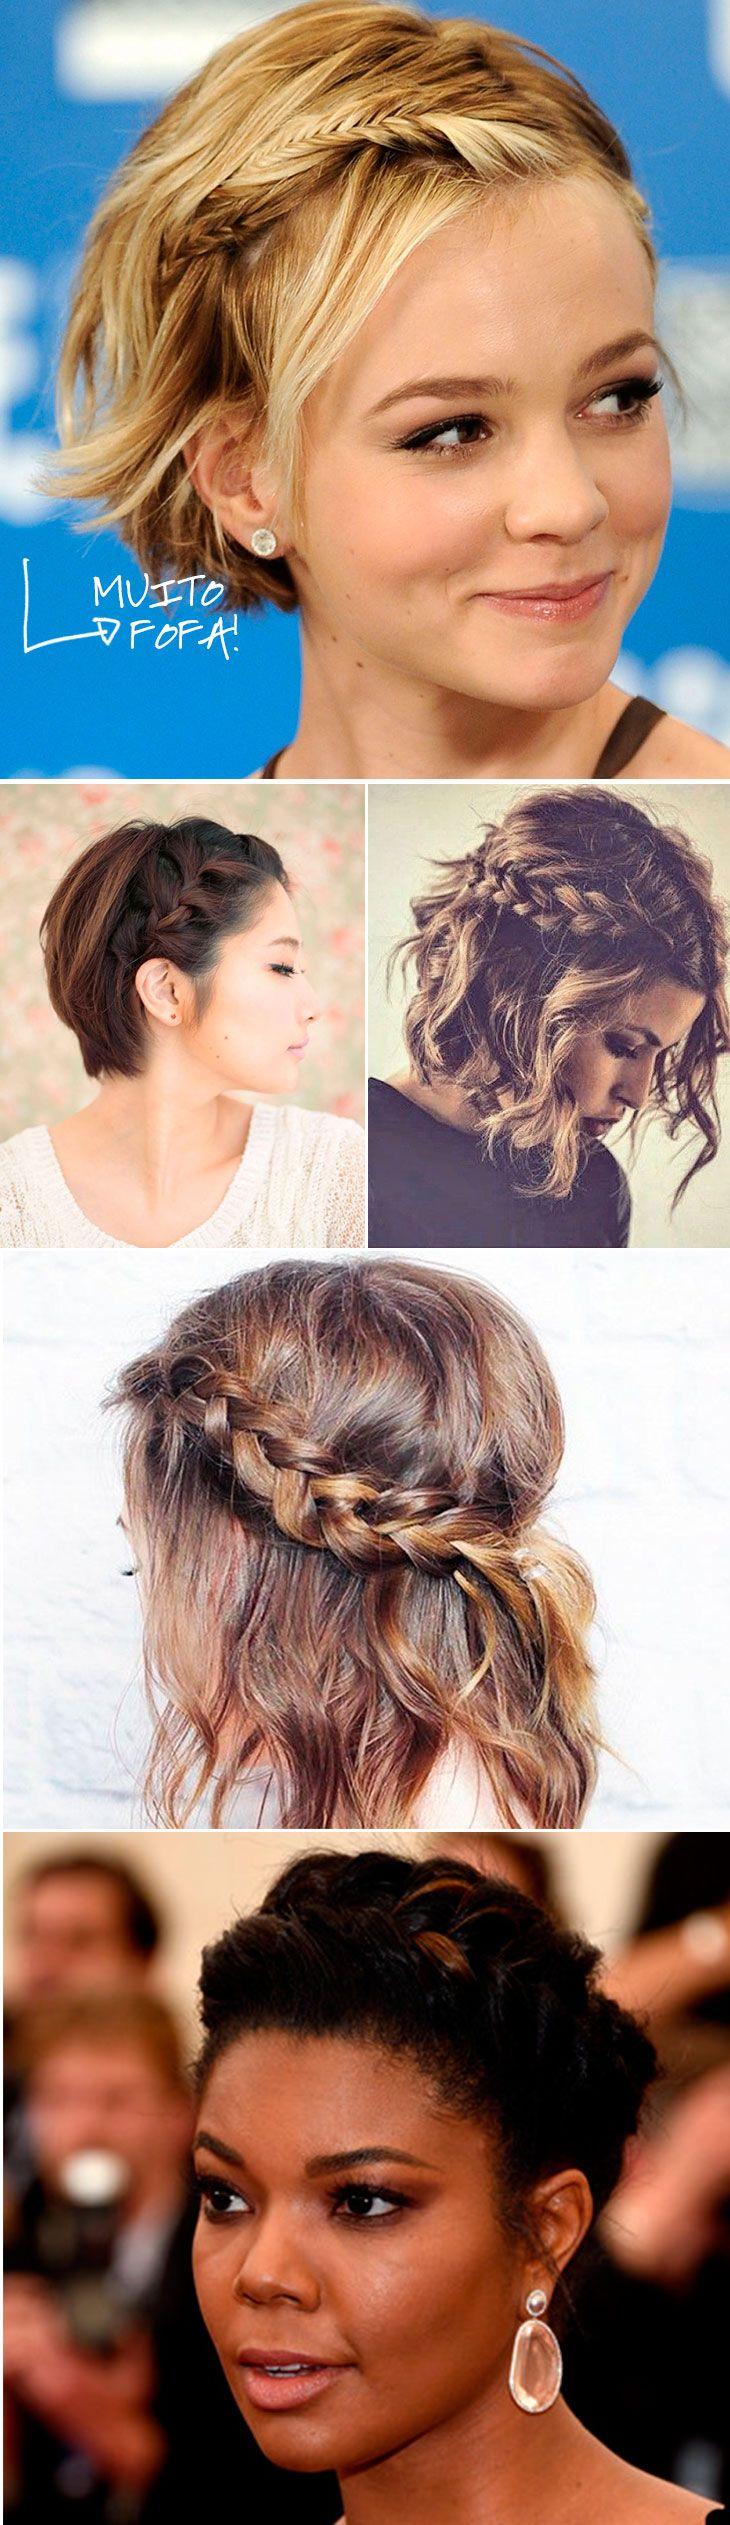 Penteados para cabelos curtos: 29 opções para usar já!